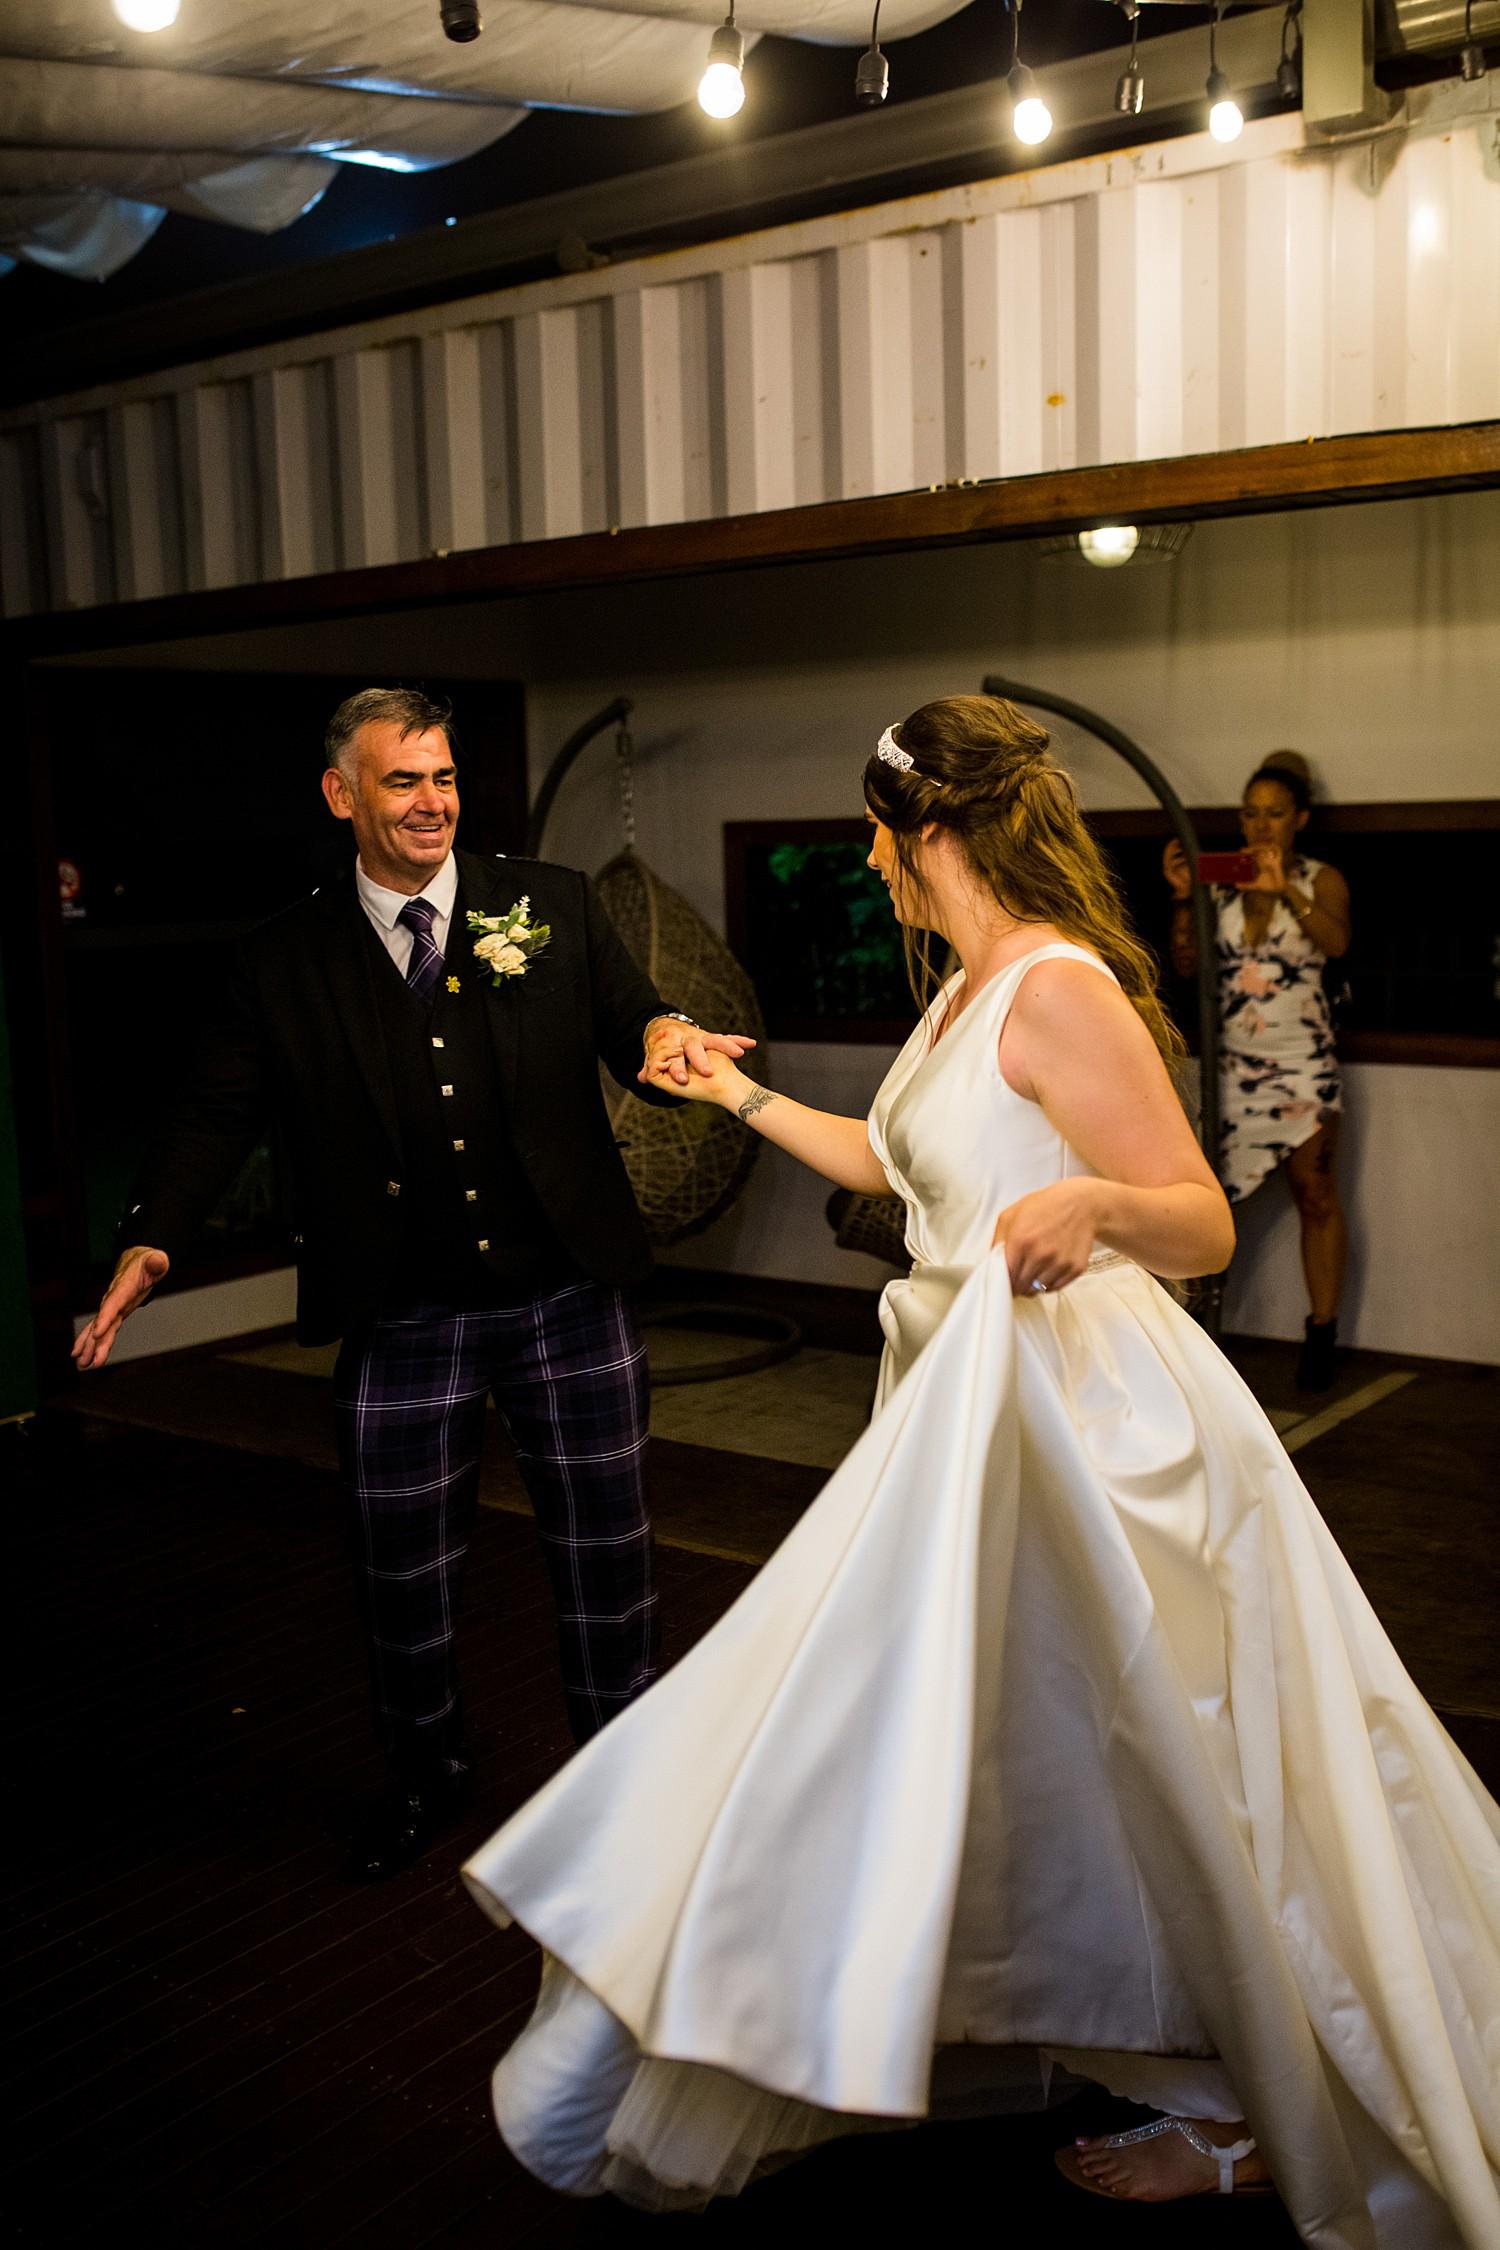 perth_swan_valley_scottish_rainy_wedding_0159.jpg